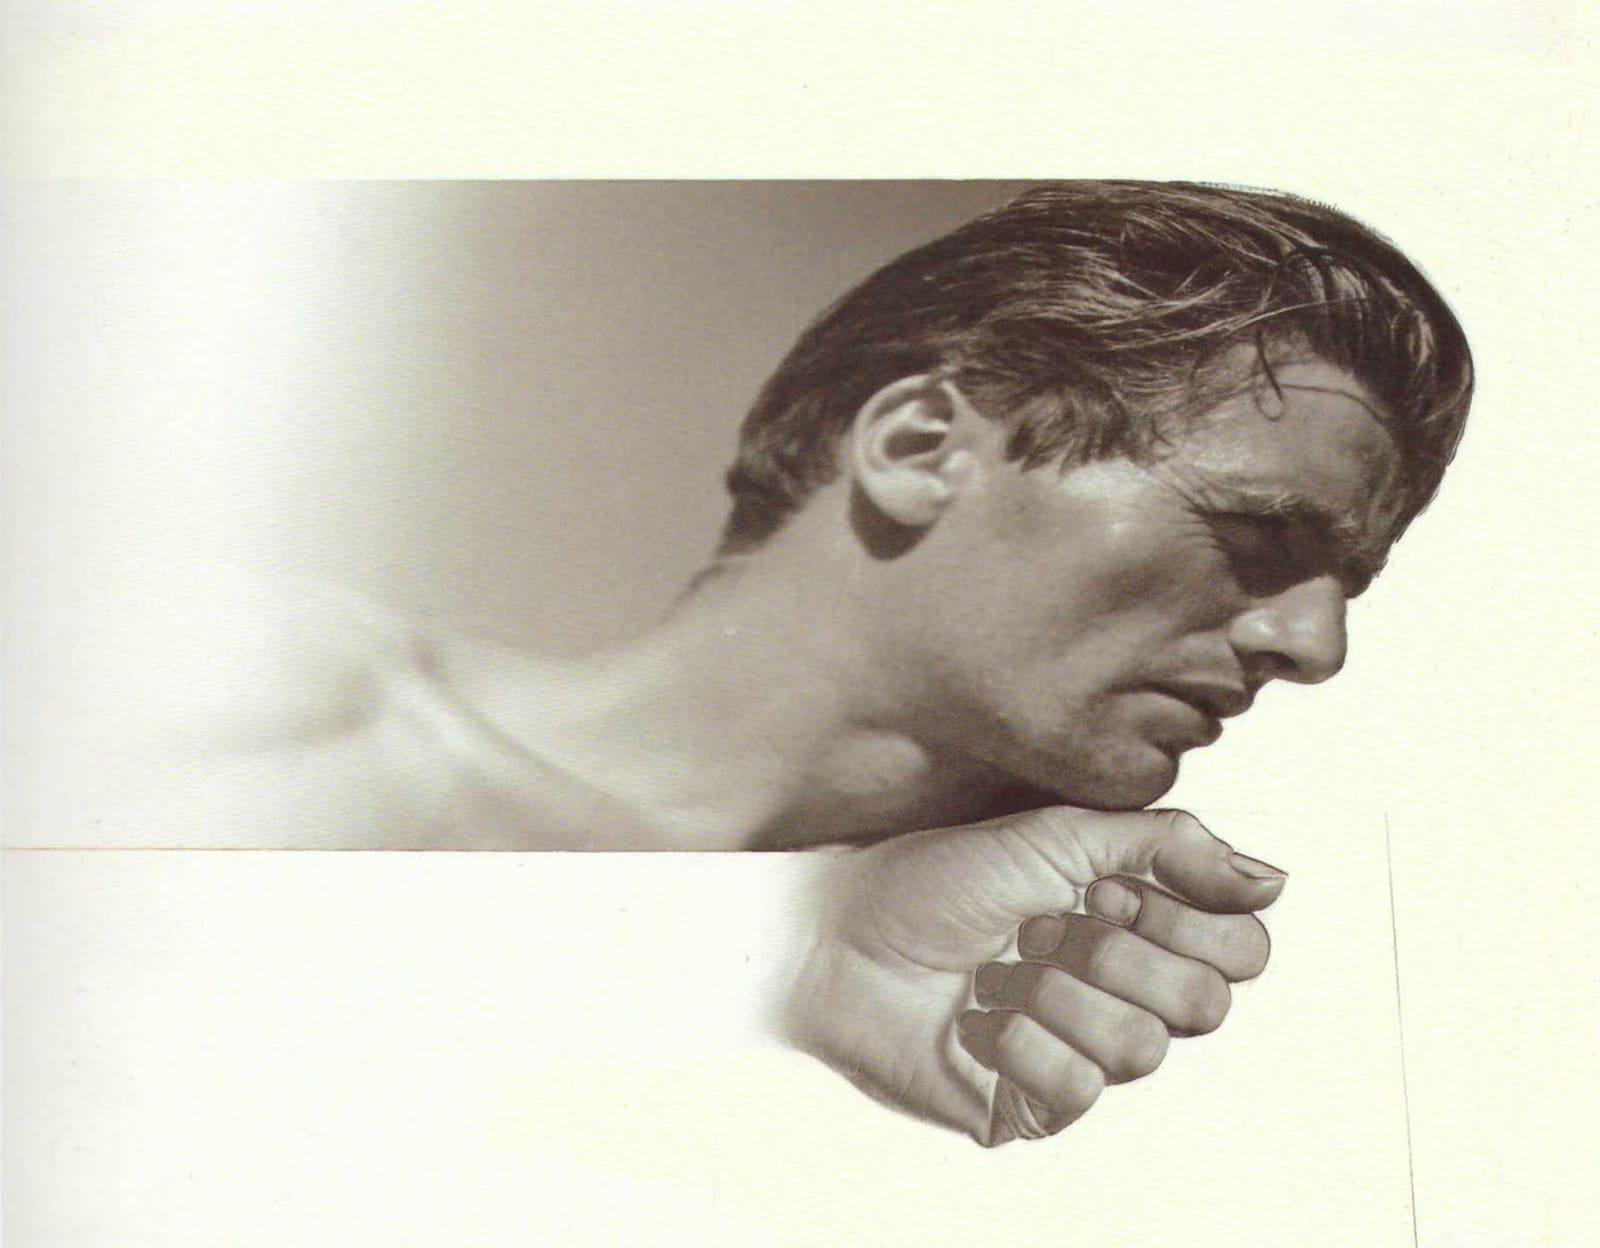 Pierre Boucher, La naissance de la forme, c. 1942